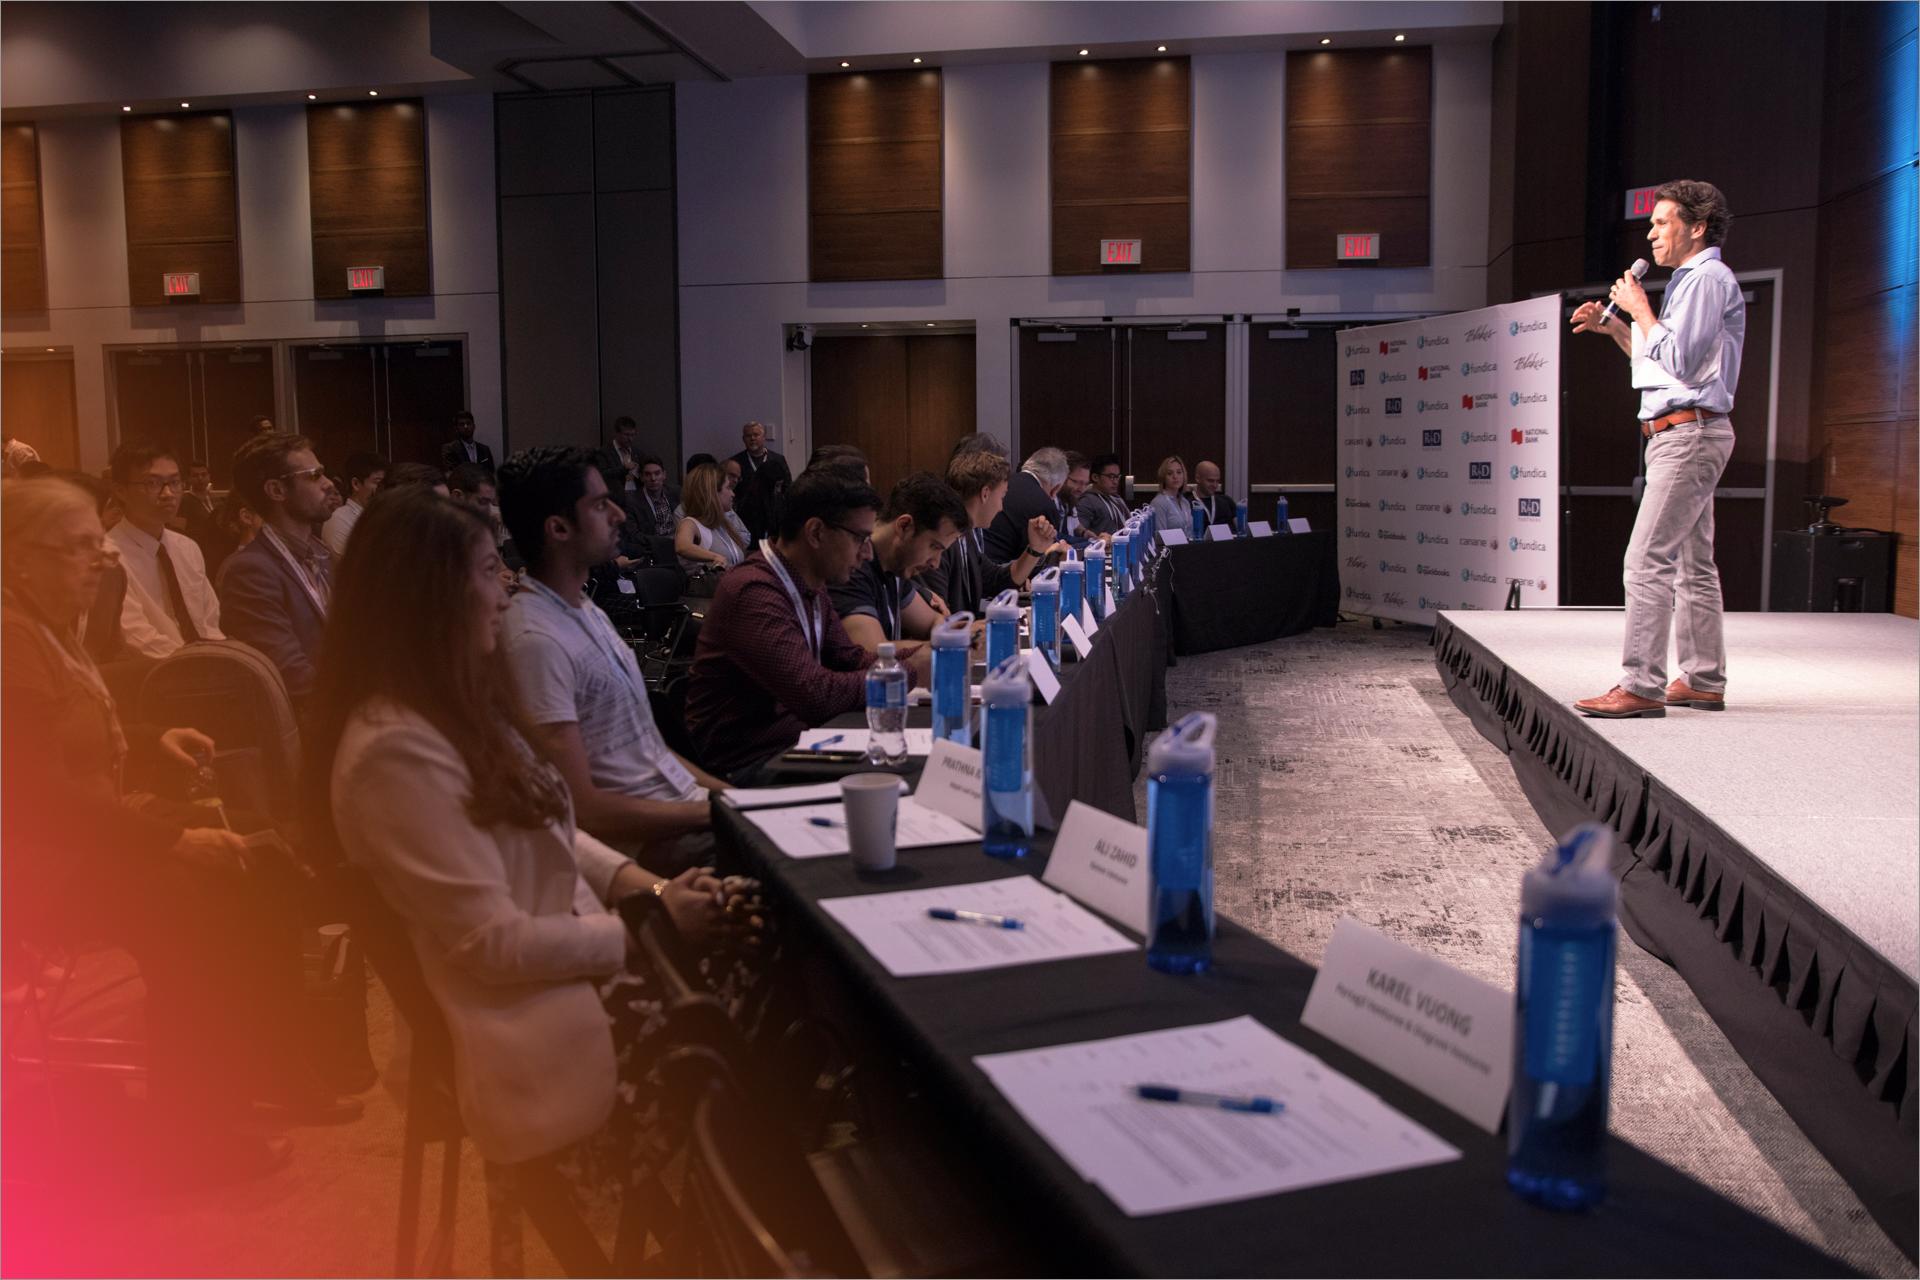 Rencontrez les meilleures startups technologiques canadiennes - Nous mettons en relation les investisseurs et les plus récents innovateurs du Canada.